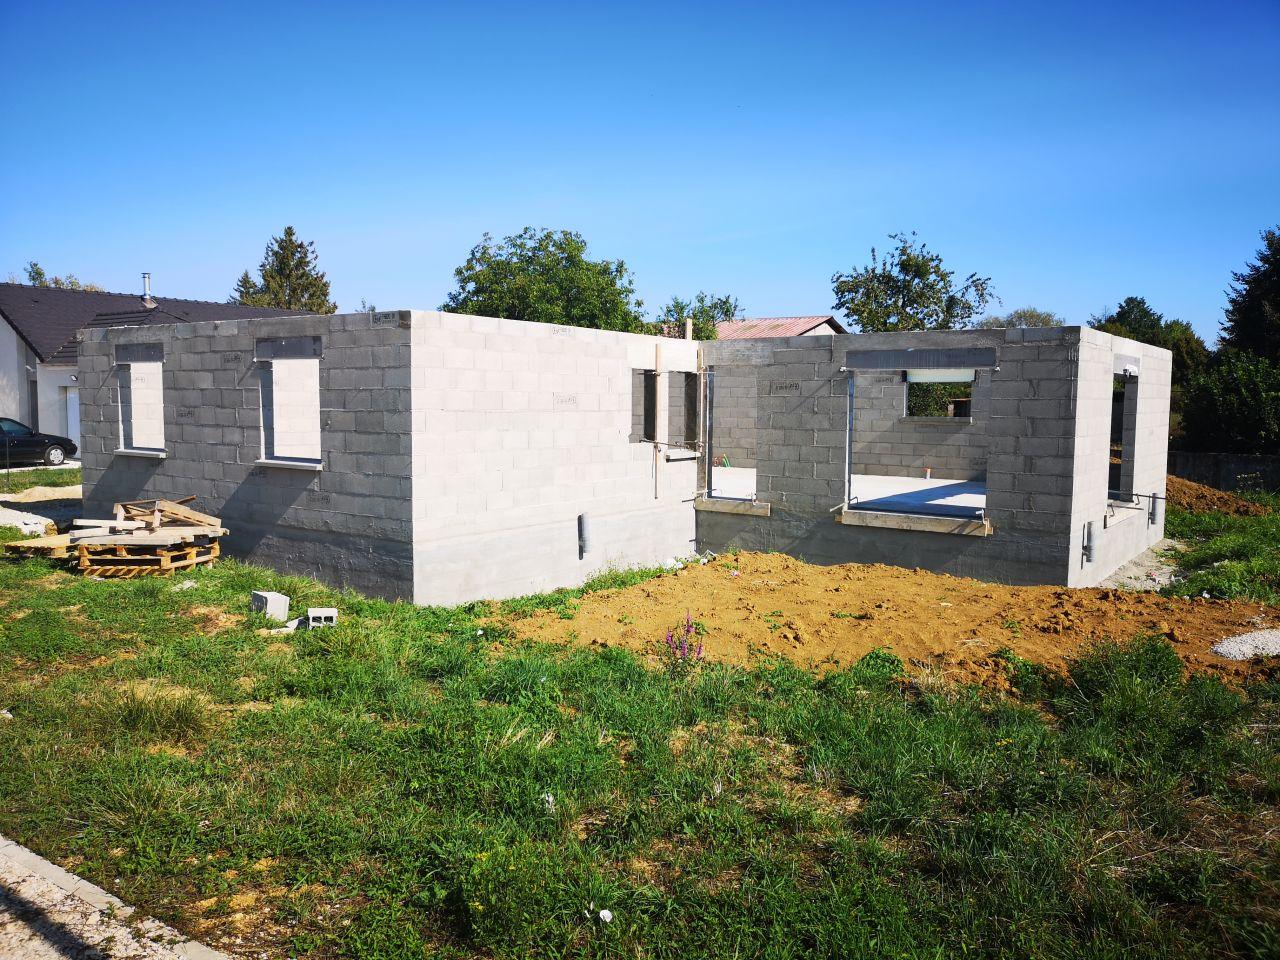 Les murs sont montés. On voit enfin à quoi ressemble notre projet. On a encore un peu de mal à s'imaginer certains volumes mais cela viendra. <br /> Prochaine étape le toit courant septembre.